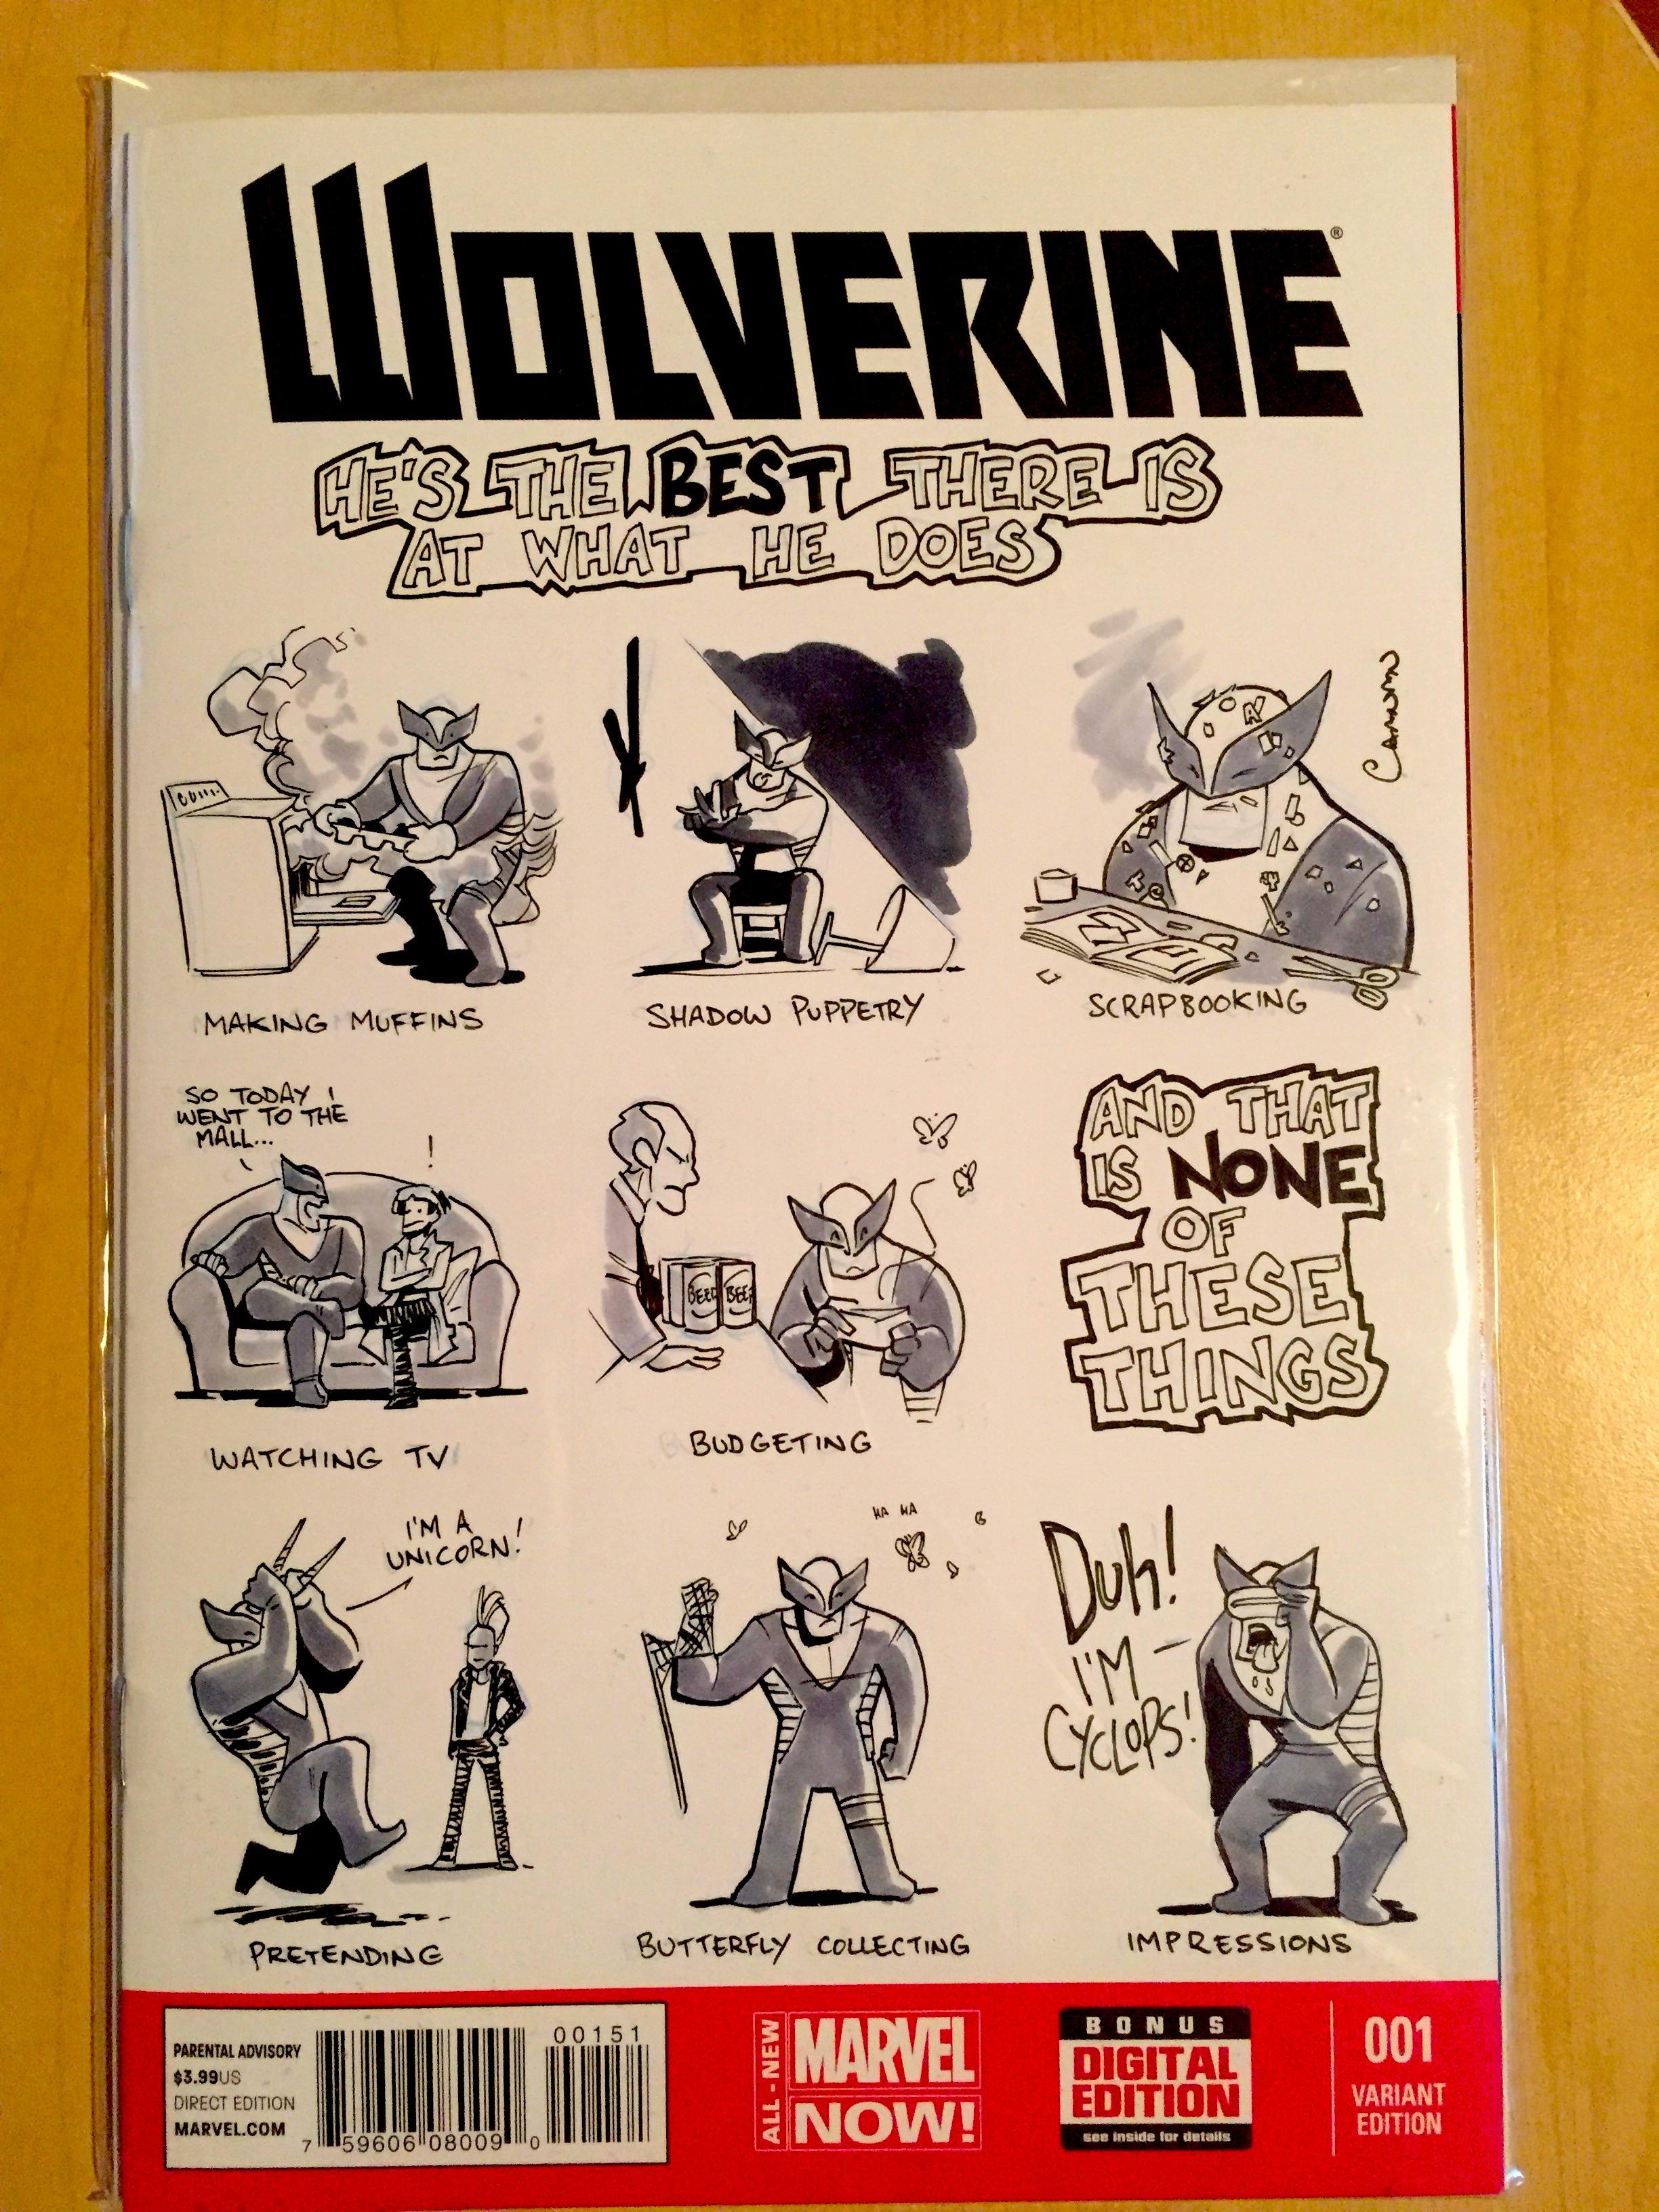 Caanan_Wolverine_GeekNerdNet.JPG